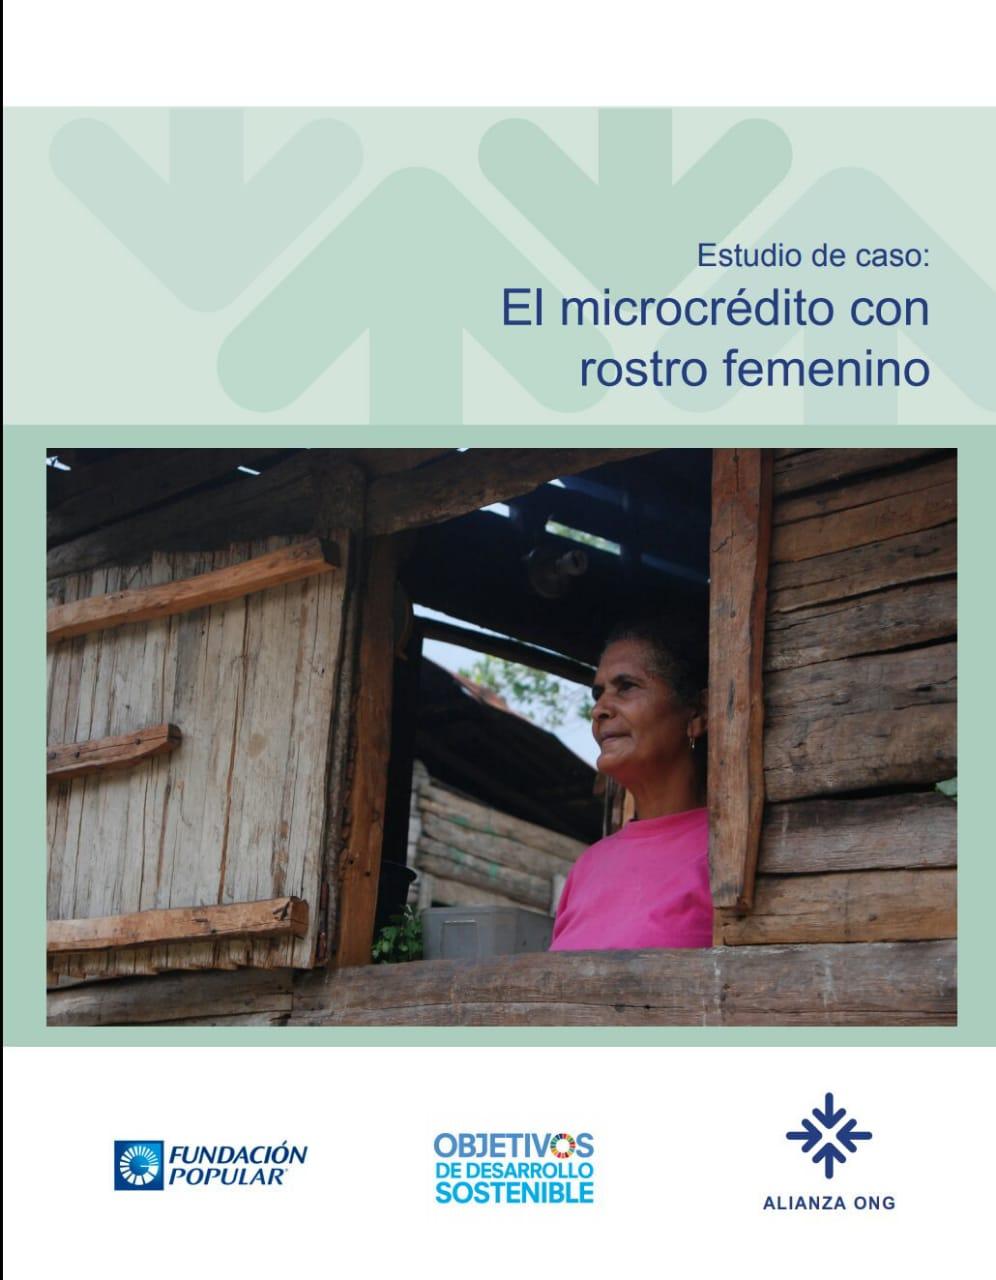 Estudio de caso: El microcrédito con rostro femenino